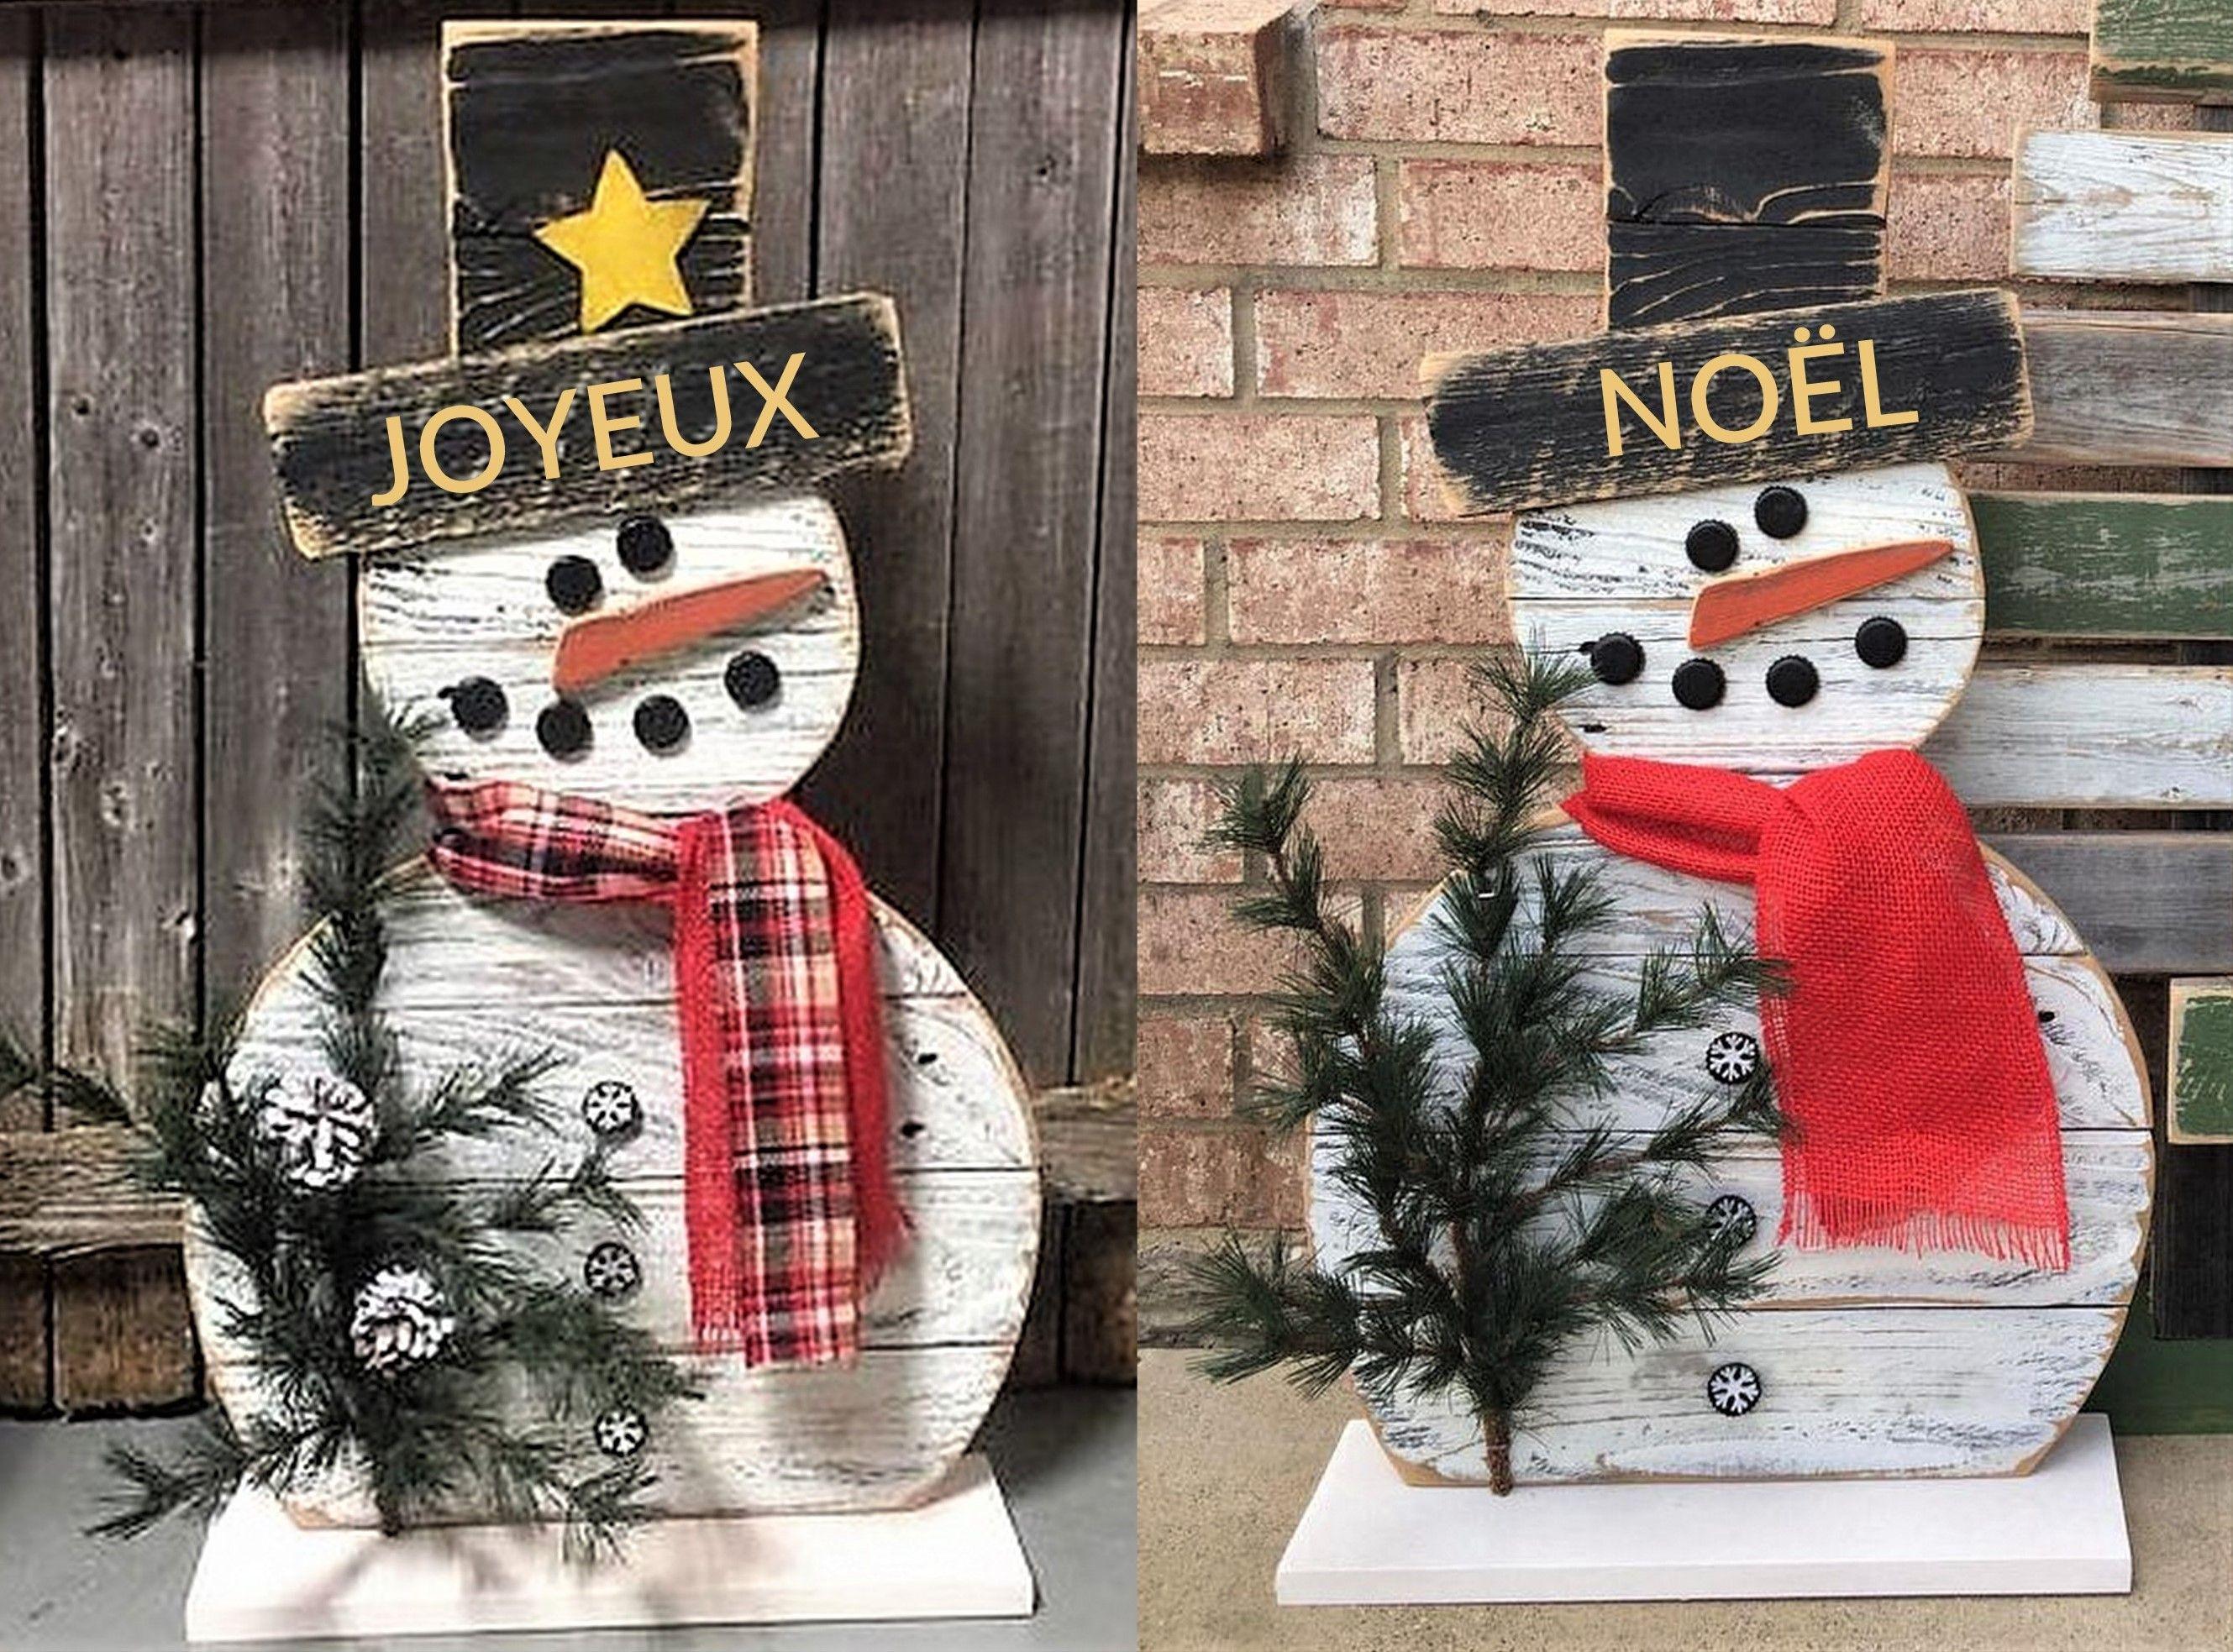 Faites Votre Propre Noël Bonhomme de neige en bois modèle